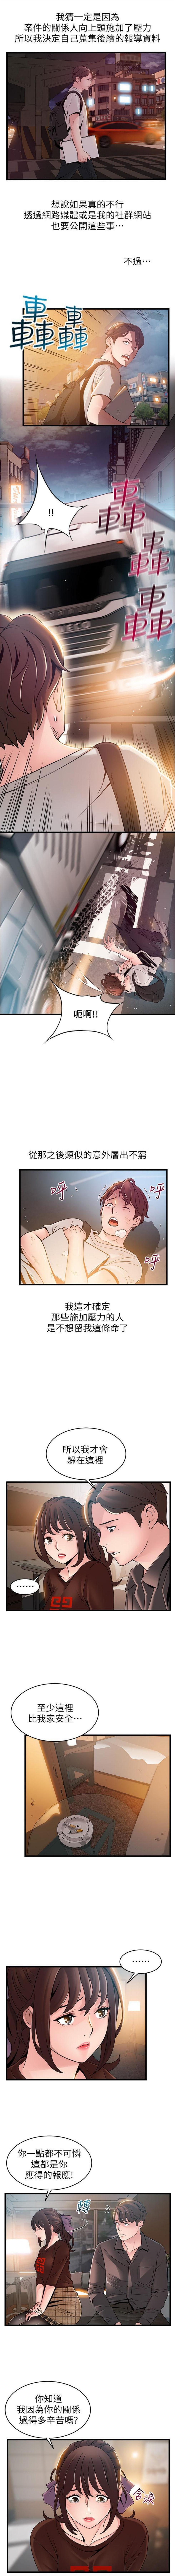 弱點 1-101 官方中文(連載中) 418